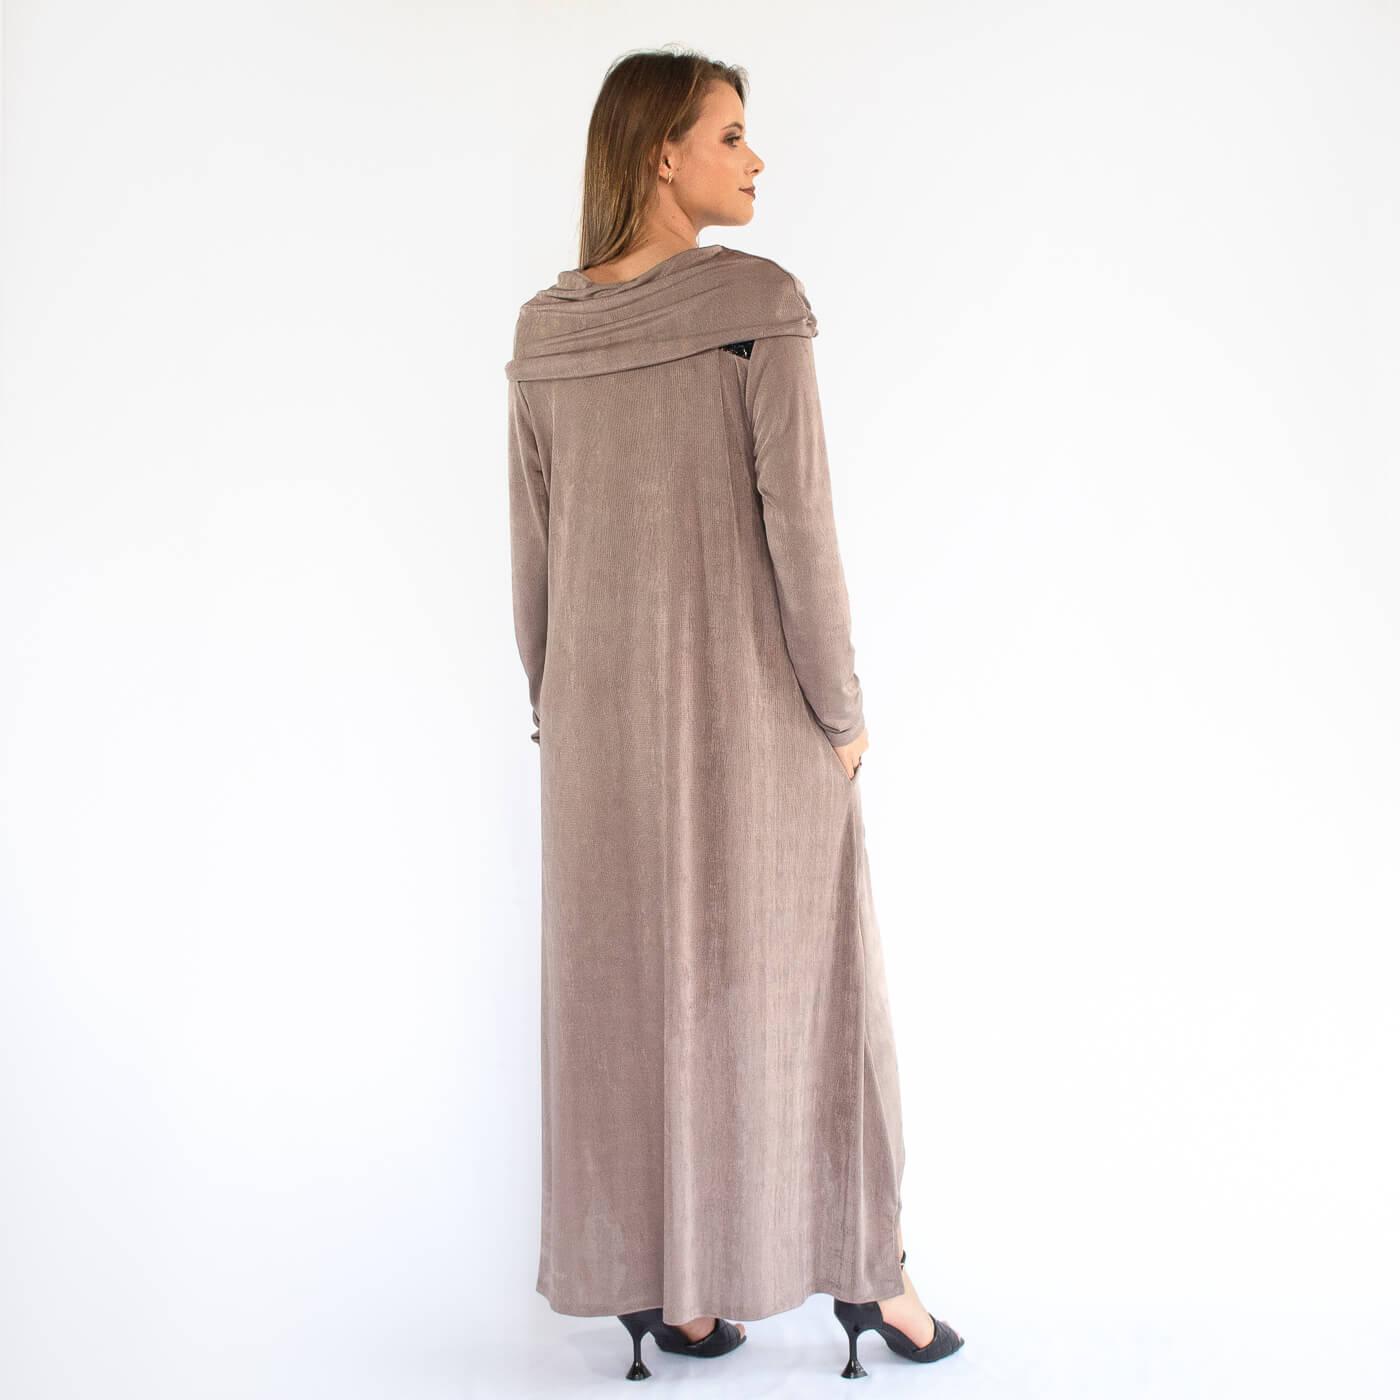 Vestido curto manga longa Lika com detalhes em croco